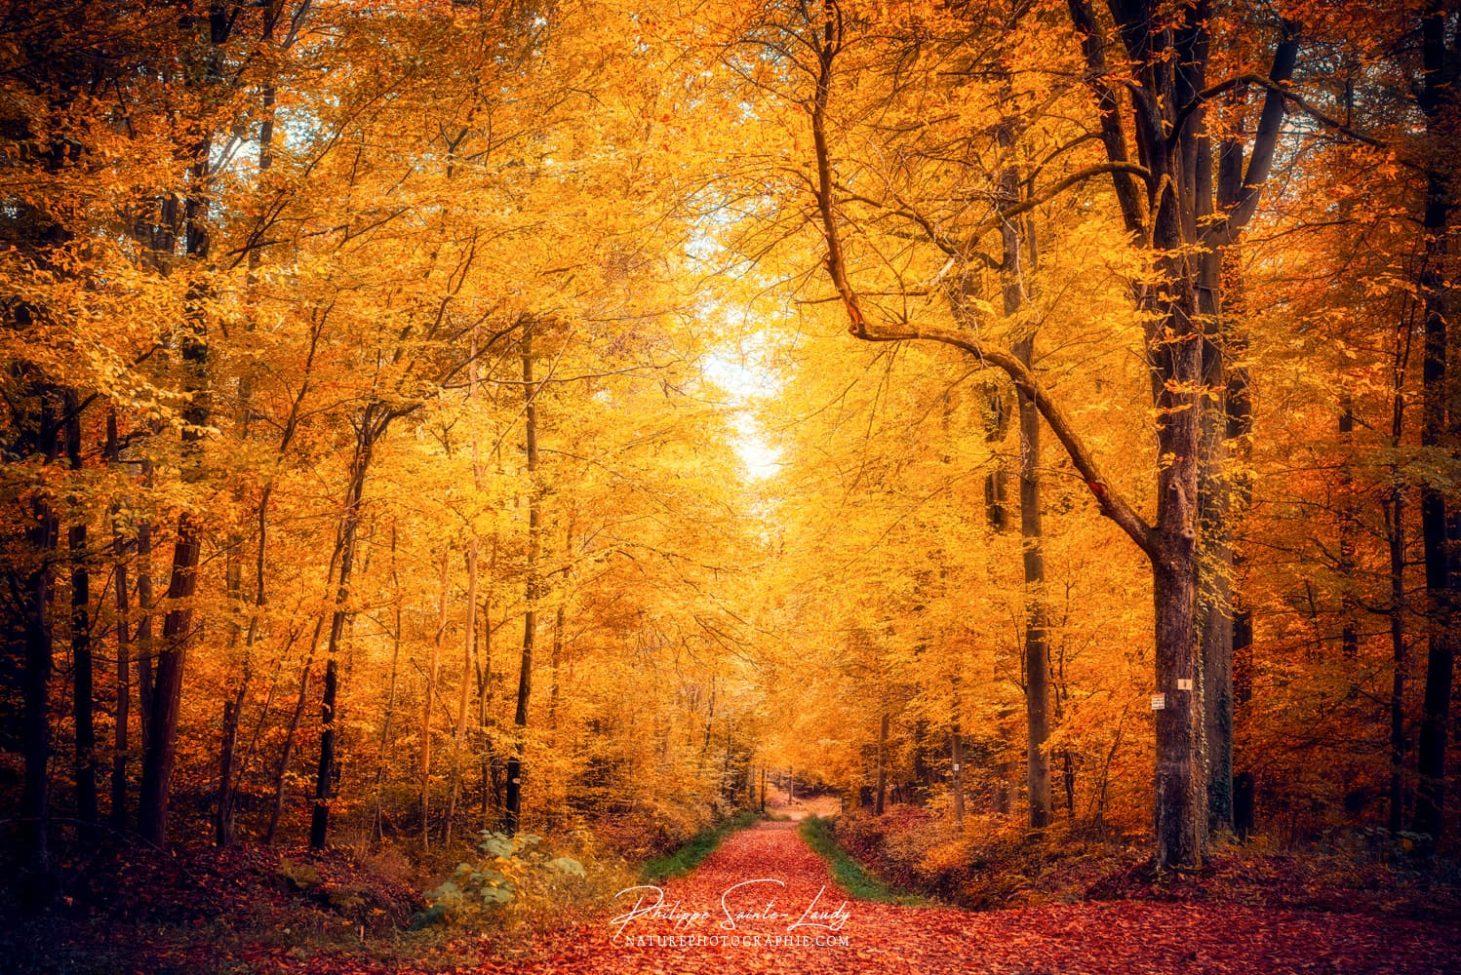 Un chemin traverse une forêt en automne